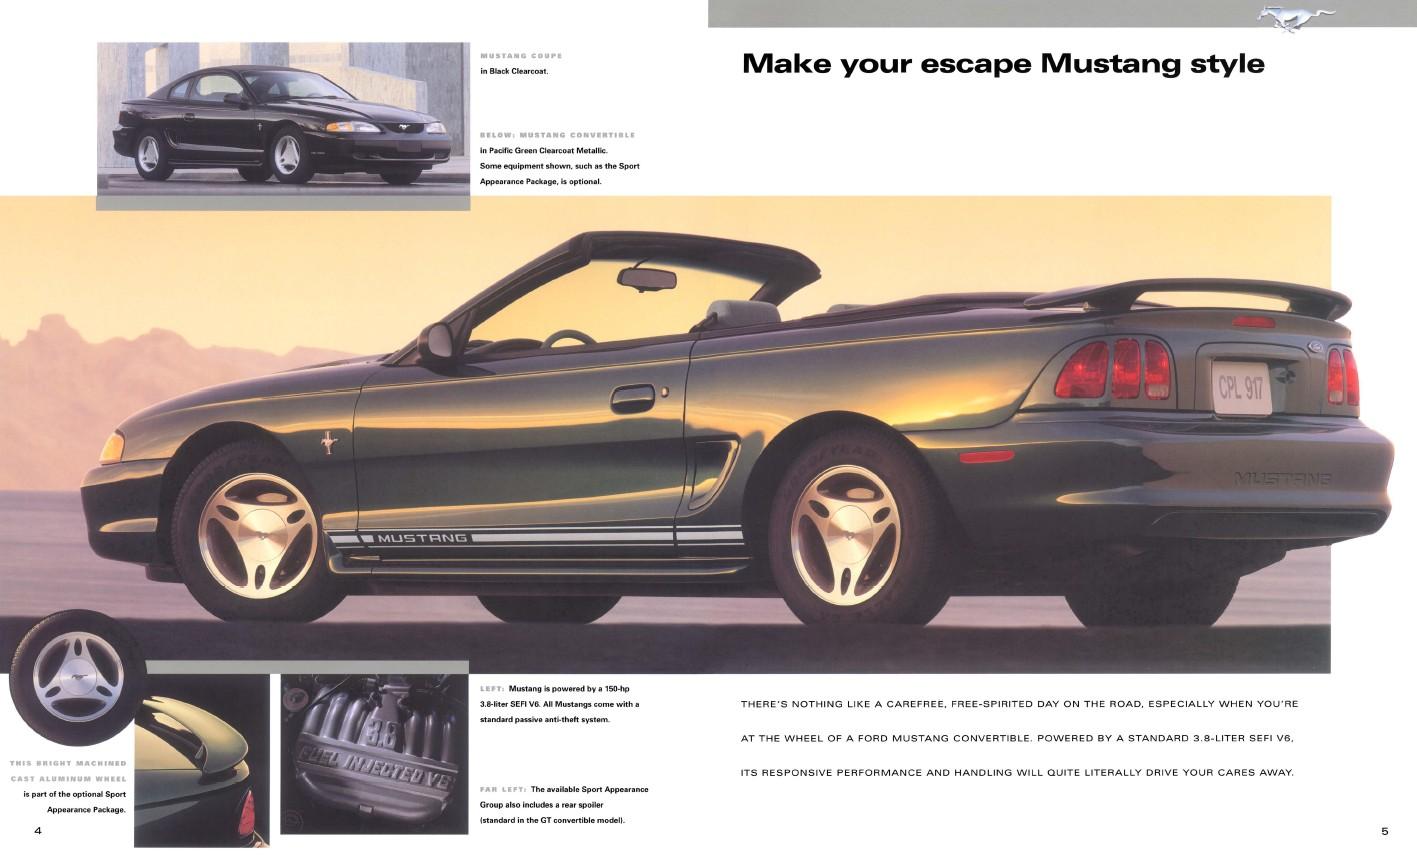 1997-ford-mustang-brochure-03.jpg